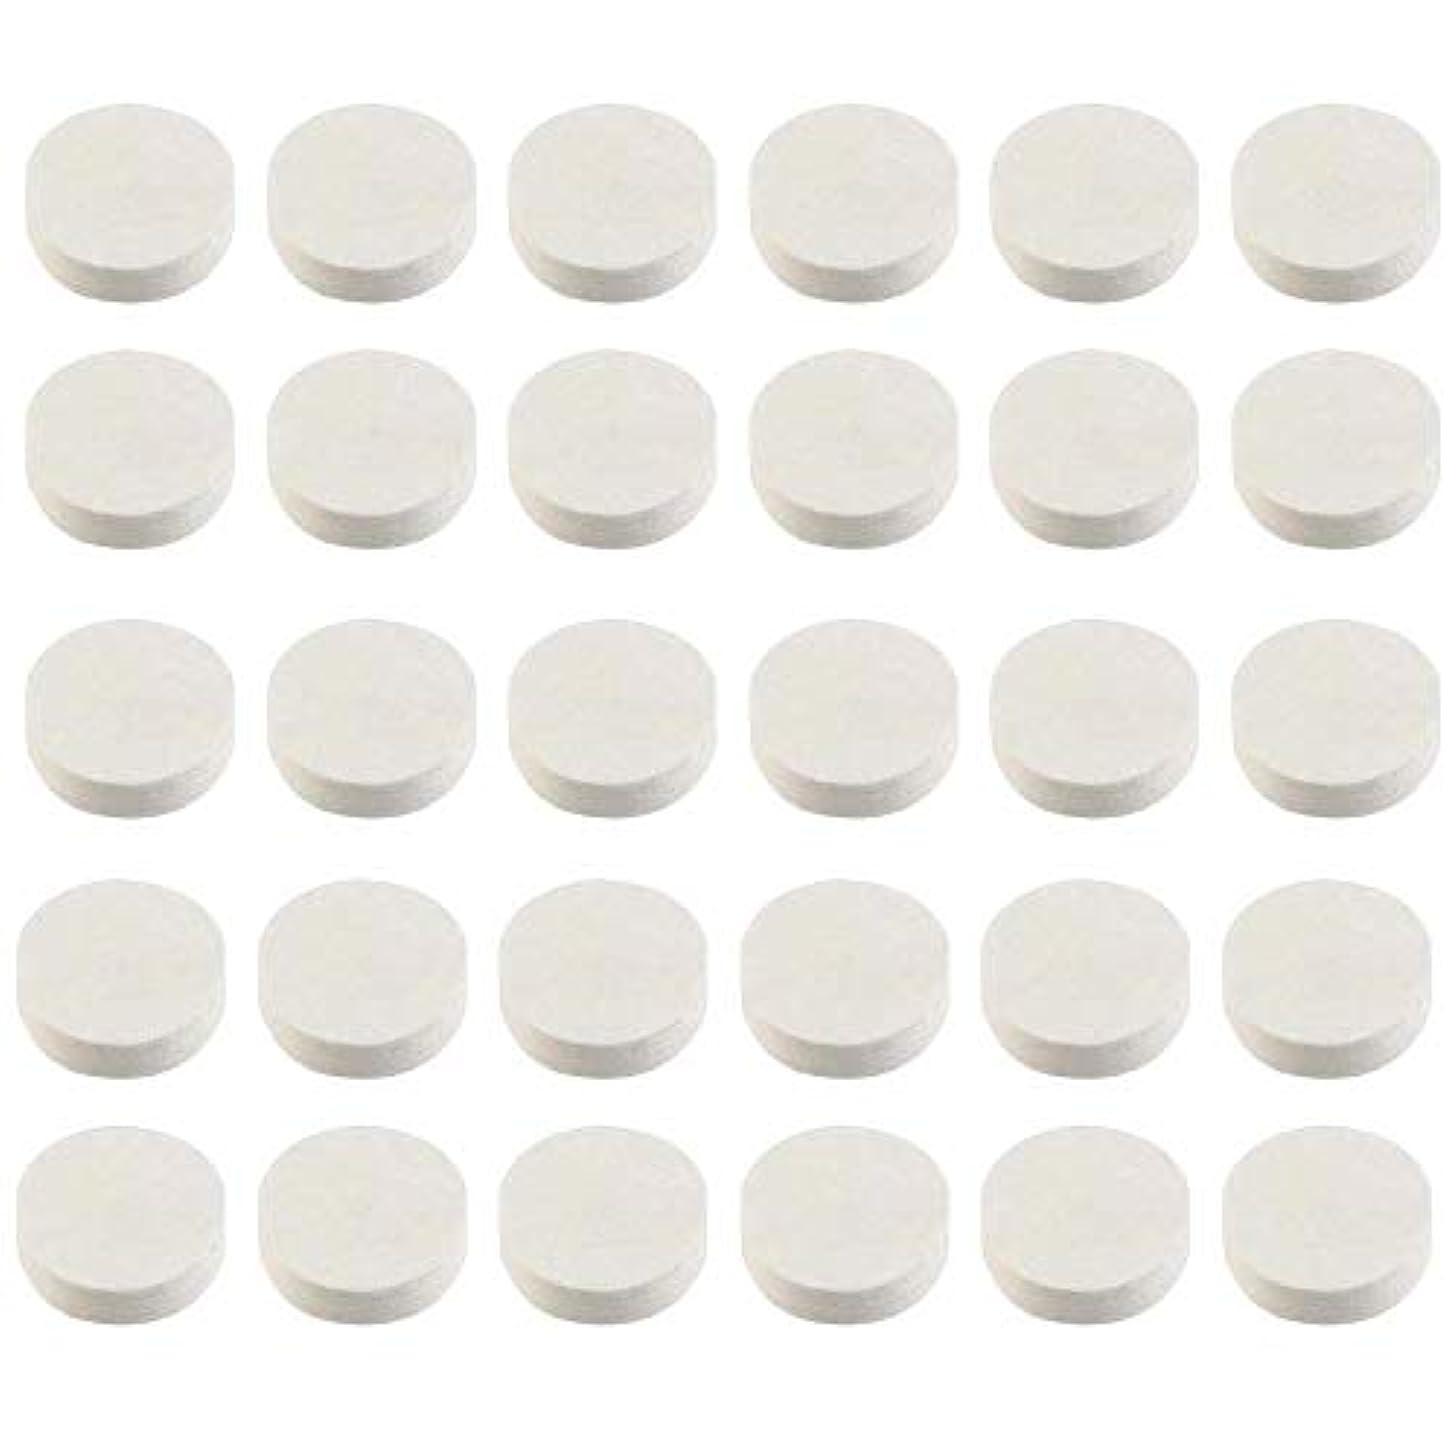 要件漏れ炭素30枚入り携帯便利使い捨て圧縮マスク圧縮フェイスパック圧縮マスクシートスキンケア